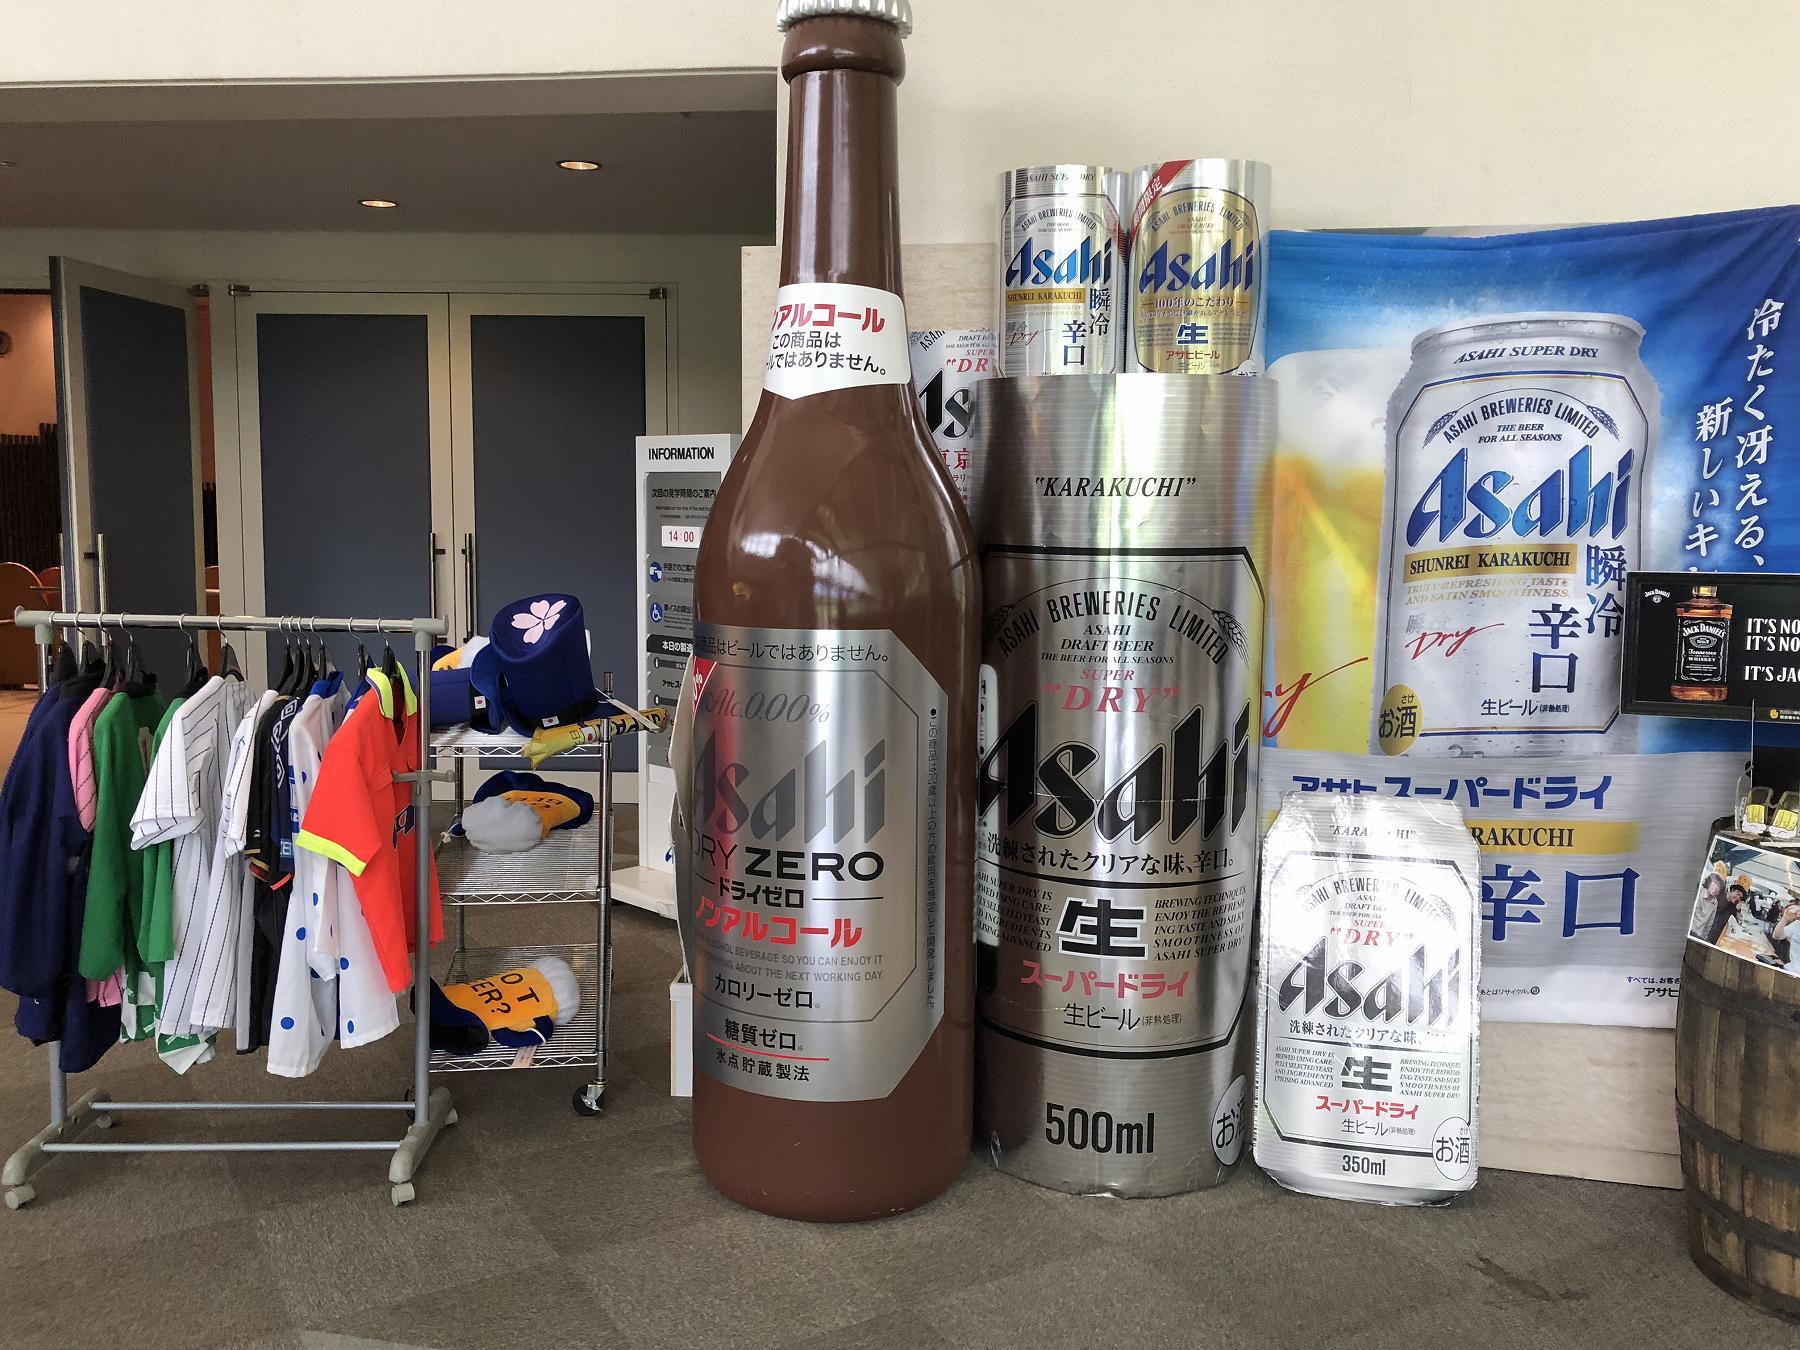 アサヒスーパードライ 「みなとまち神戸」のデザイン缶が6/19新発売!それに先駆け「アサヒビール吹田工場」を見学、工場内を一挙に写真でご紹介します!  #アサヒビール吹田工場 #アサヒビール #アサヒスーパードライ #工場見学 #近代建築